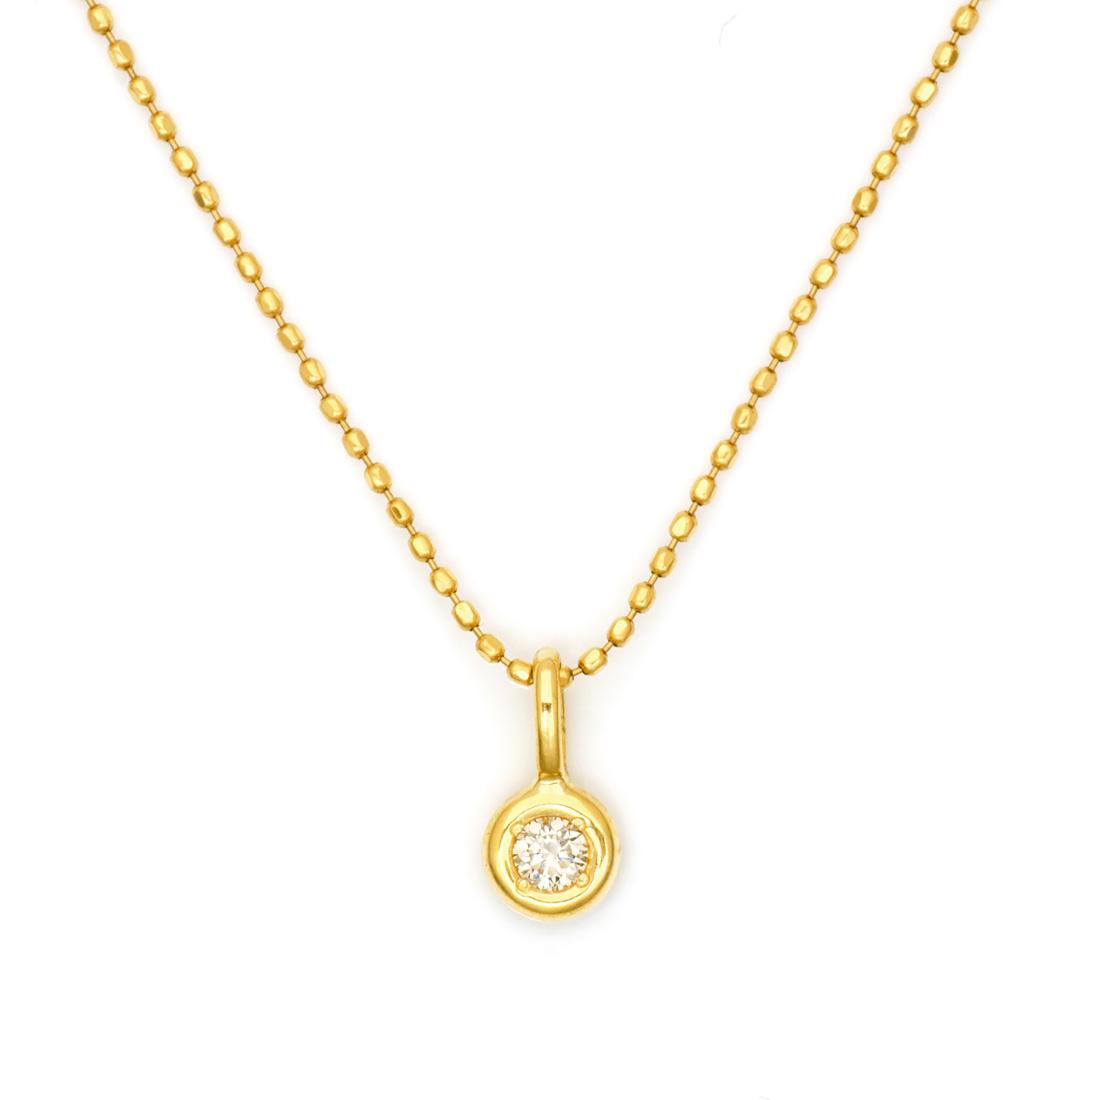 【3営業日以内に発送】 ペンダントトップ ダイヤモンド 0.05ct ゴールド K18 「piccolo」